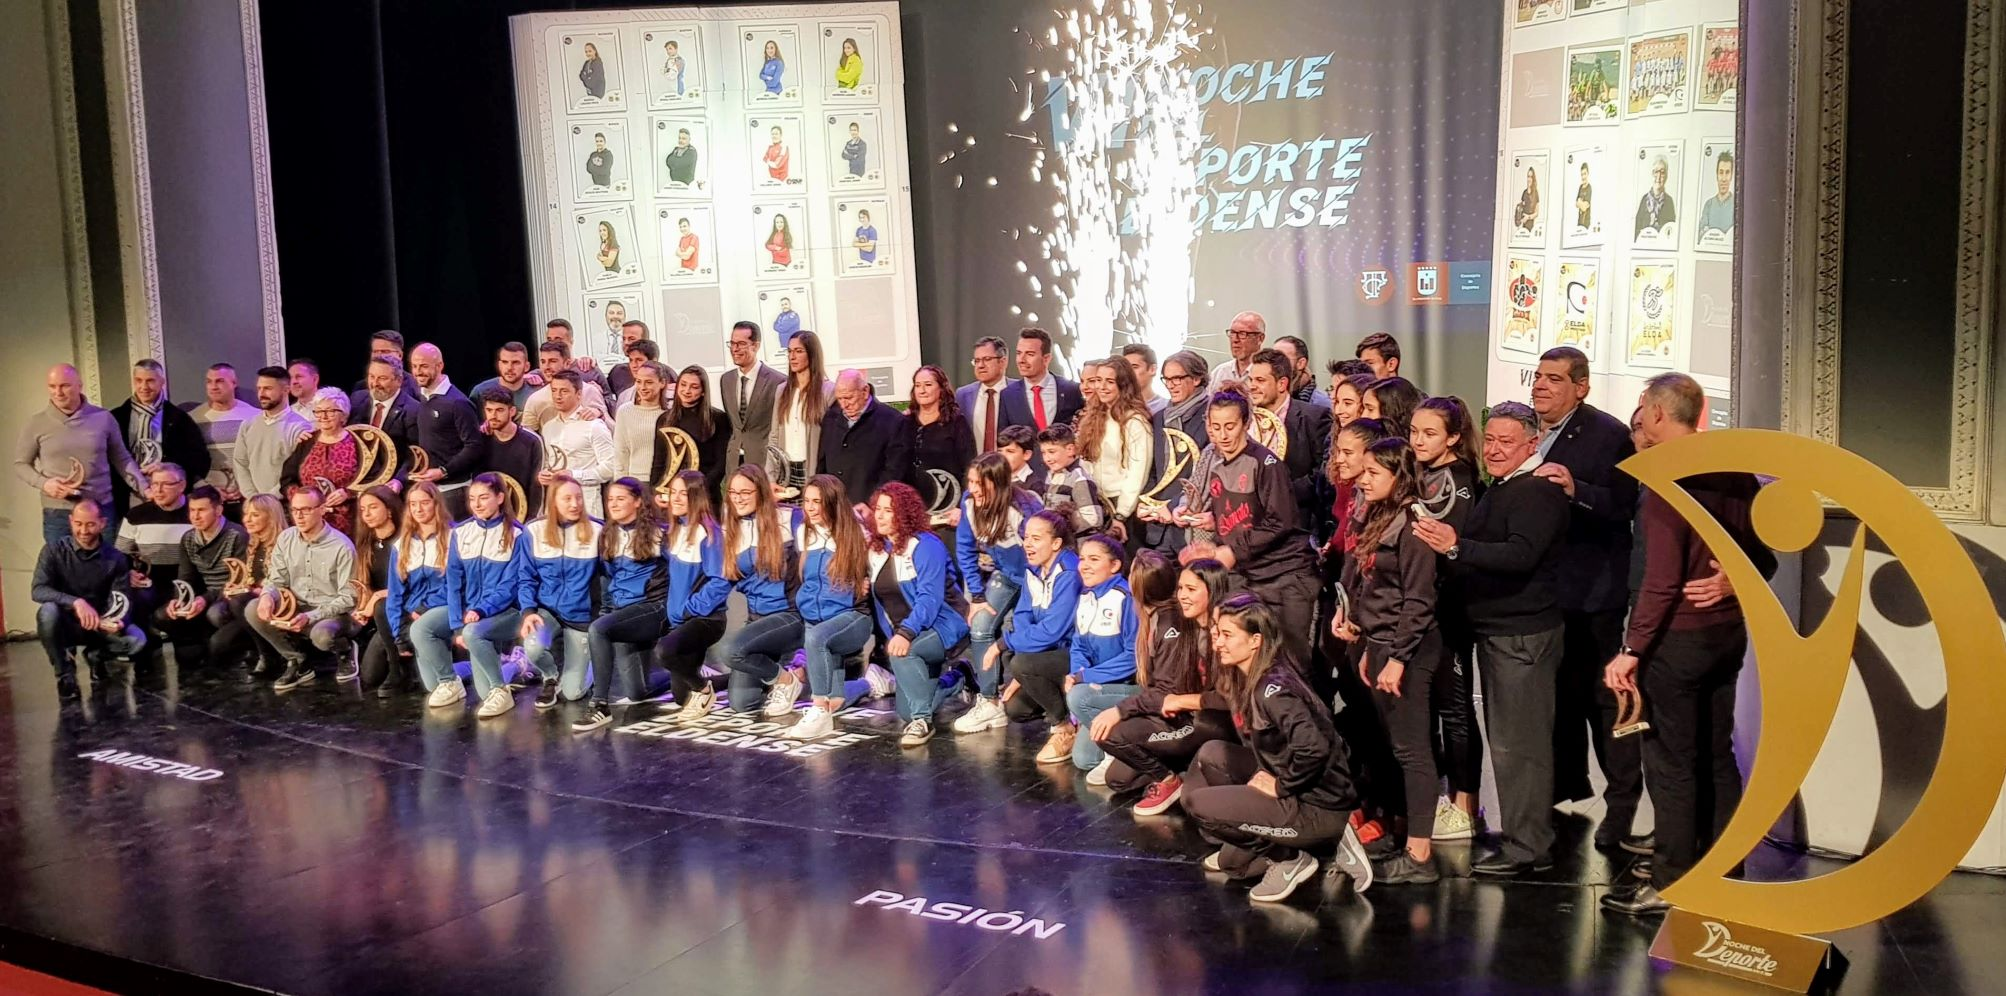 La VII edición de la Noche del Deporte Eldense será la más sostenible e inclusiva de su historia